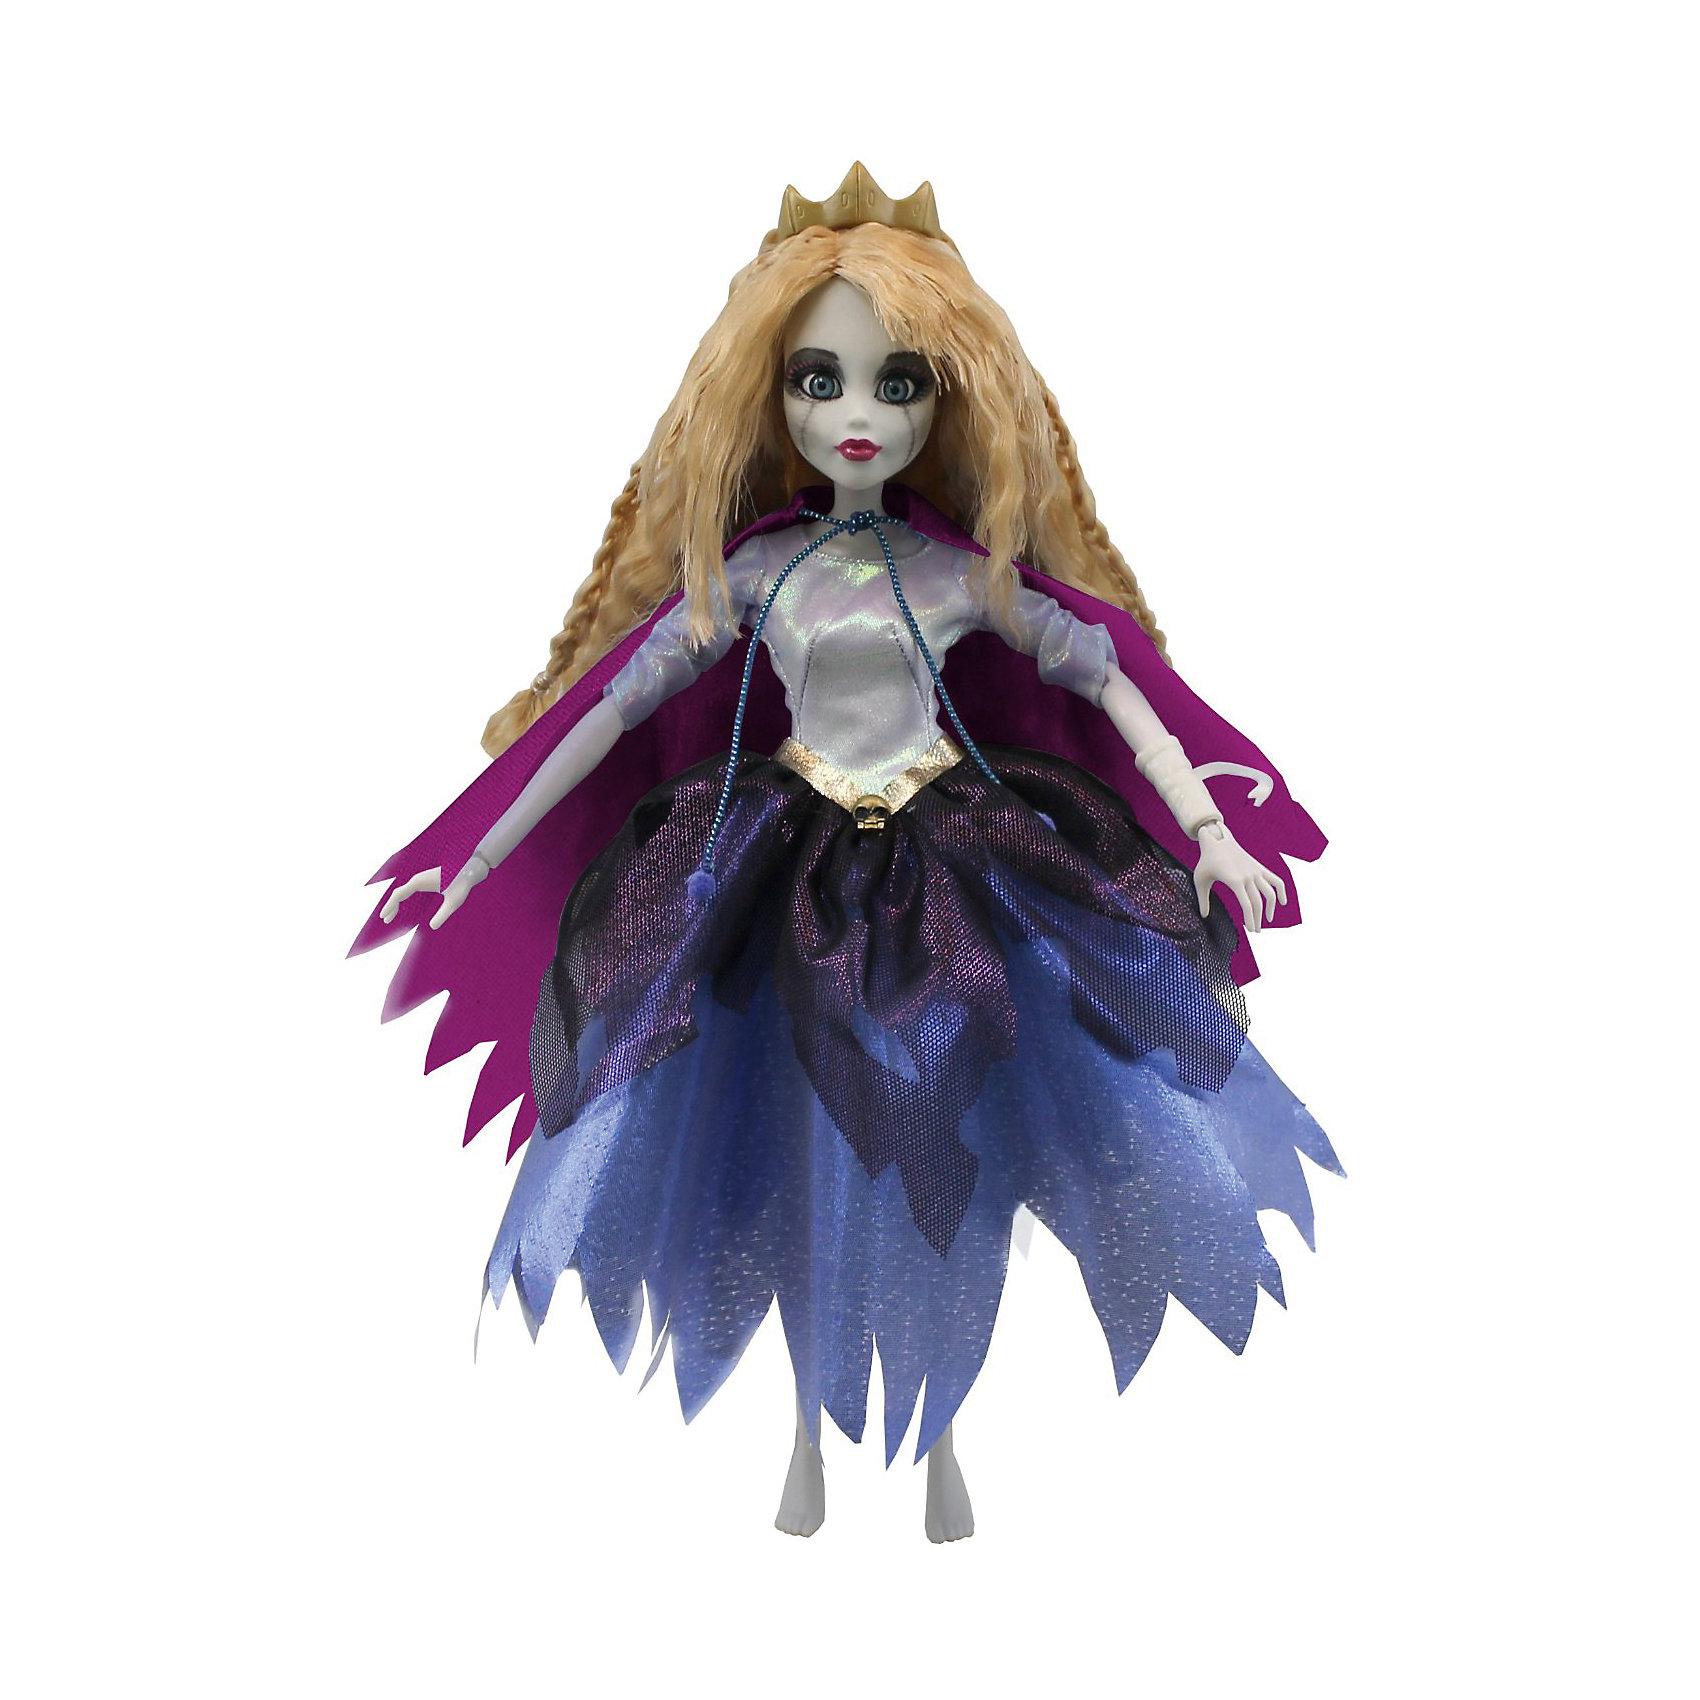 Кукла Зомби: Спящая красавица, WowWeeКукла «Спящая красавица» от WowWee - это сказочный персонаж , превращенный в загадочную и холодную принцессу-зомби. Несмотря на превращение, принцесса не утратила своей красоты, даже наоборот, приобрела определенный потусторонний шарм и очарование. Длинные белокурые волосы куклы очень приятны наощупь, из них получится много оригинальных причесок. Спящая красавица одета в невероятное платье с серебряным лифом и пышной темно-синей юбкой. На плечах у нее - фиолетовый плащ. Голову куклы венчает золотая диадема. Собери всю коллекцию принцесс-зомби и устрой незабываемый бал!<br><br>Дополнительная информация:<br><br>- Материал: пластик, текстиль.<br>- Высота куклы: 28 см.<br>- Комплектация: кукла, расческа, подставка.<br>- Руки, ноги, голова куклы подвижные.<br><br>Куклу Зомби: Спящую красавицу, WowWee, можно купить в нашем магазине.<br><br>Ширина мм: 150<br>Глубина мм: 70<br>Высота мм: 350<br>Вес г: 150<br>Возраст от месяцев: 72<br>Возраст до месяцев: 168<br>Пол: Женский<br>Возраст: Детский<br>SKU: 4134074